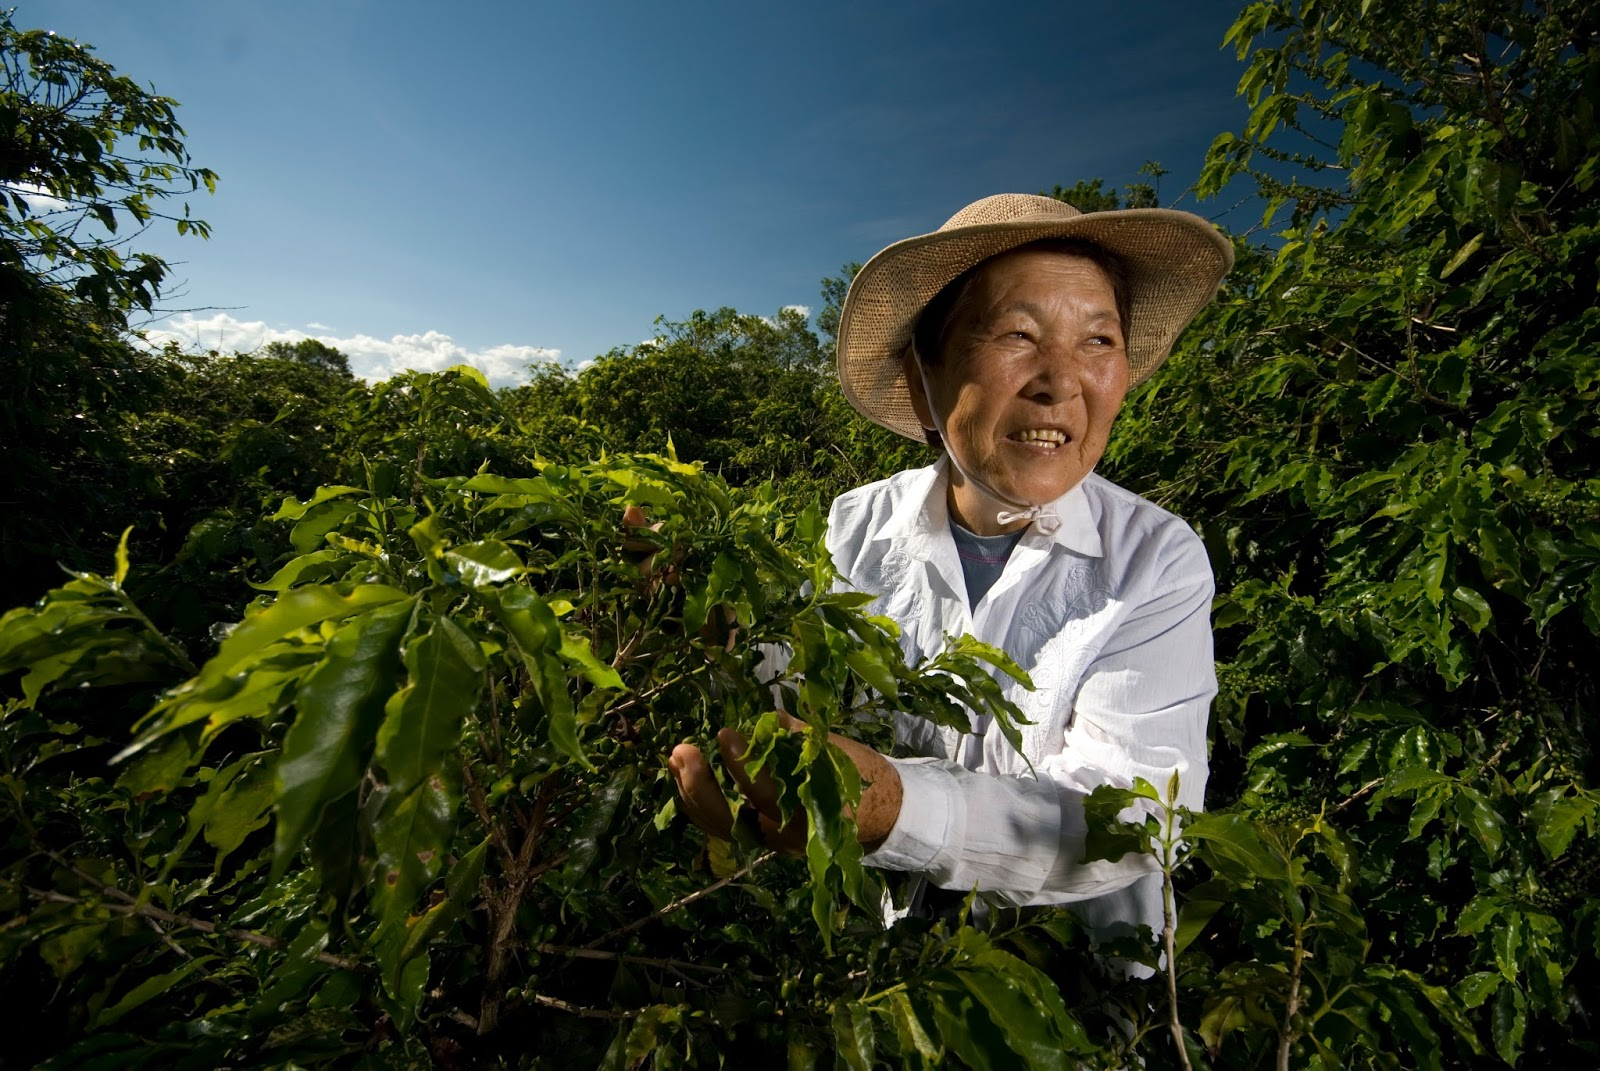 Mulher sorridente, de chapéu de palha, na colheita do café em um dia ensolarado: ilustra a seção a respeito dos textos das linhas de ''Wu Wang / Inocência (O Inesperado)'', um dos 64 hexagramas do I Ching, o Livro das Mutações